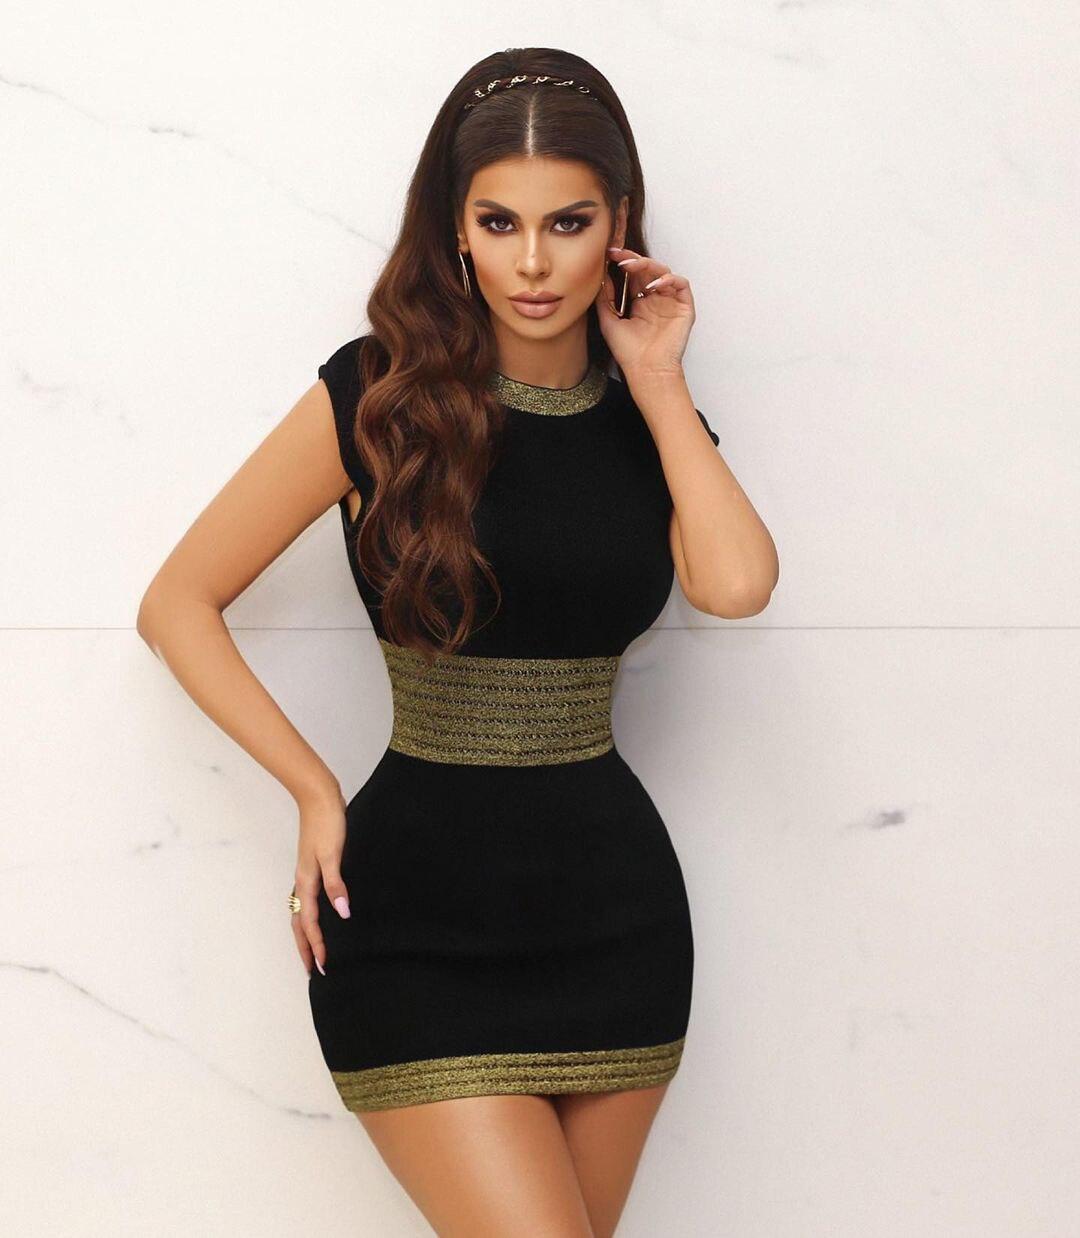 الصيف المرأة س الرقبة بلون أكمام الأرداف لباس غير رسمي فستان قصير ضمادة